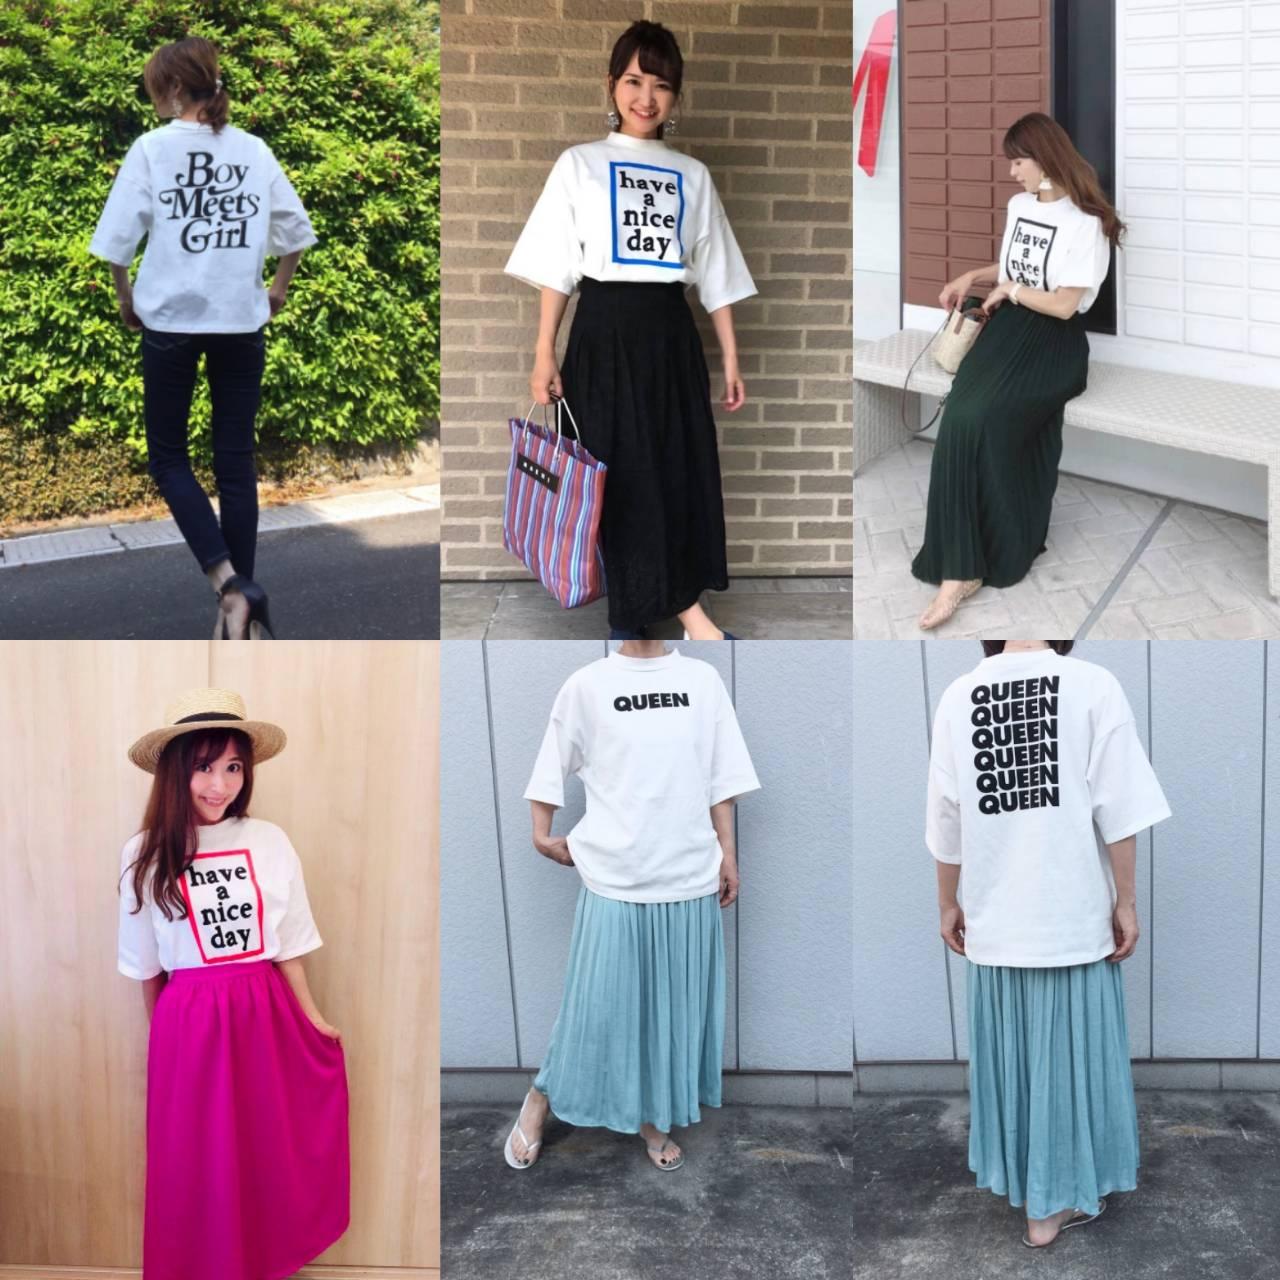 SaaChaオリジナルロゴTシャツです♥